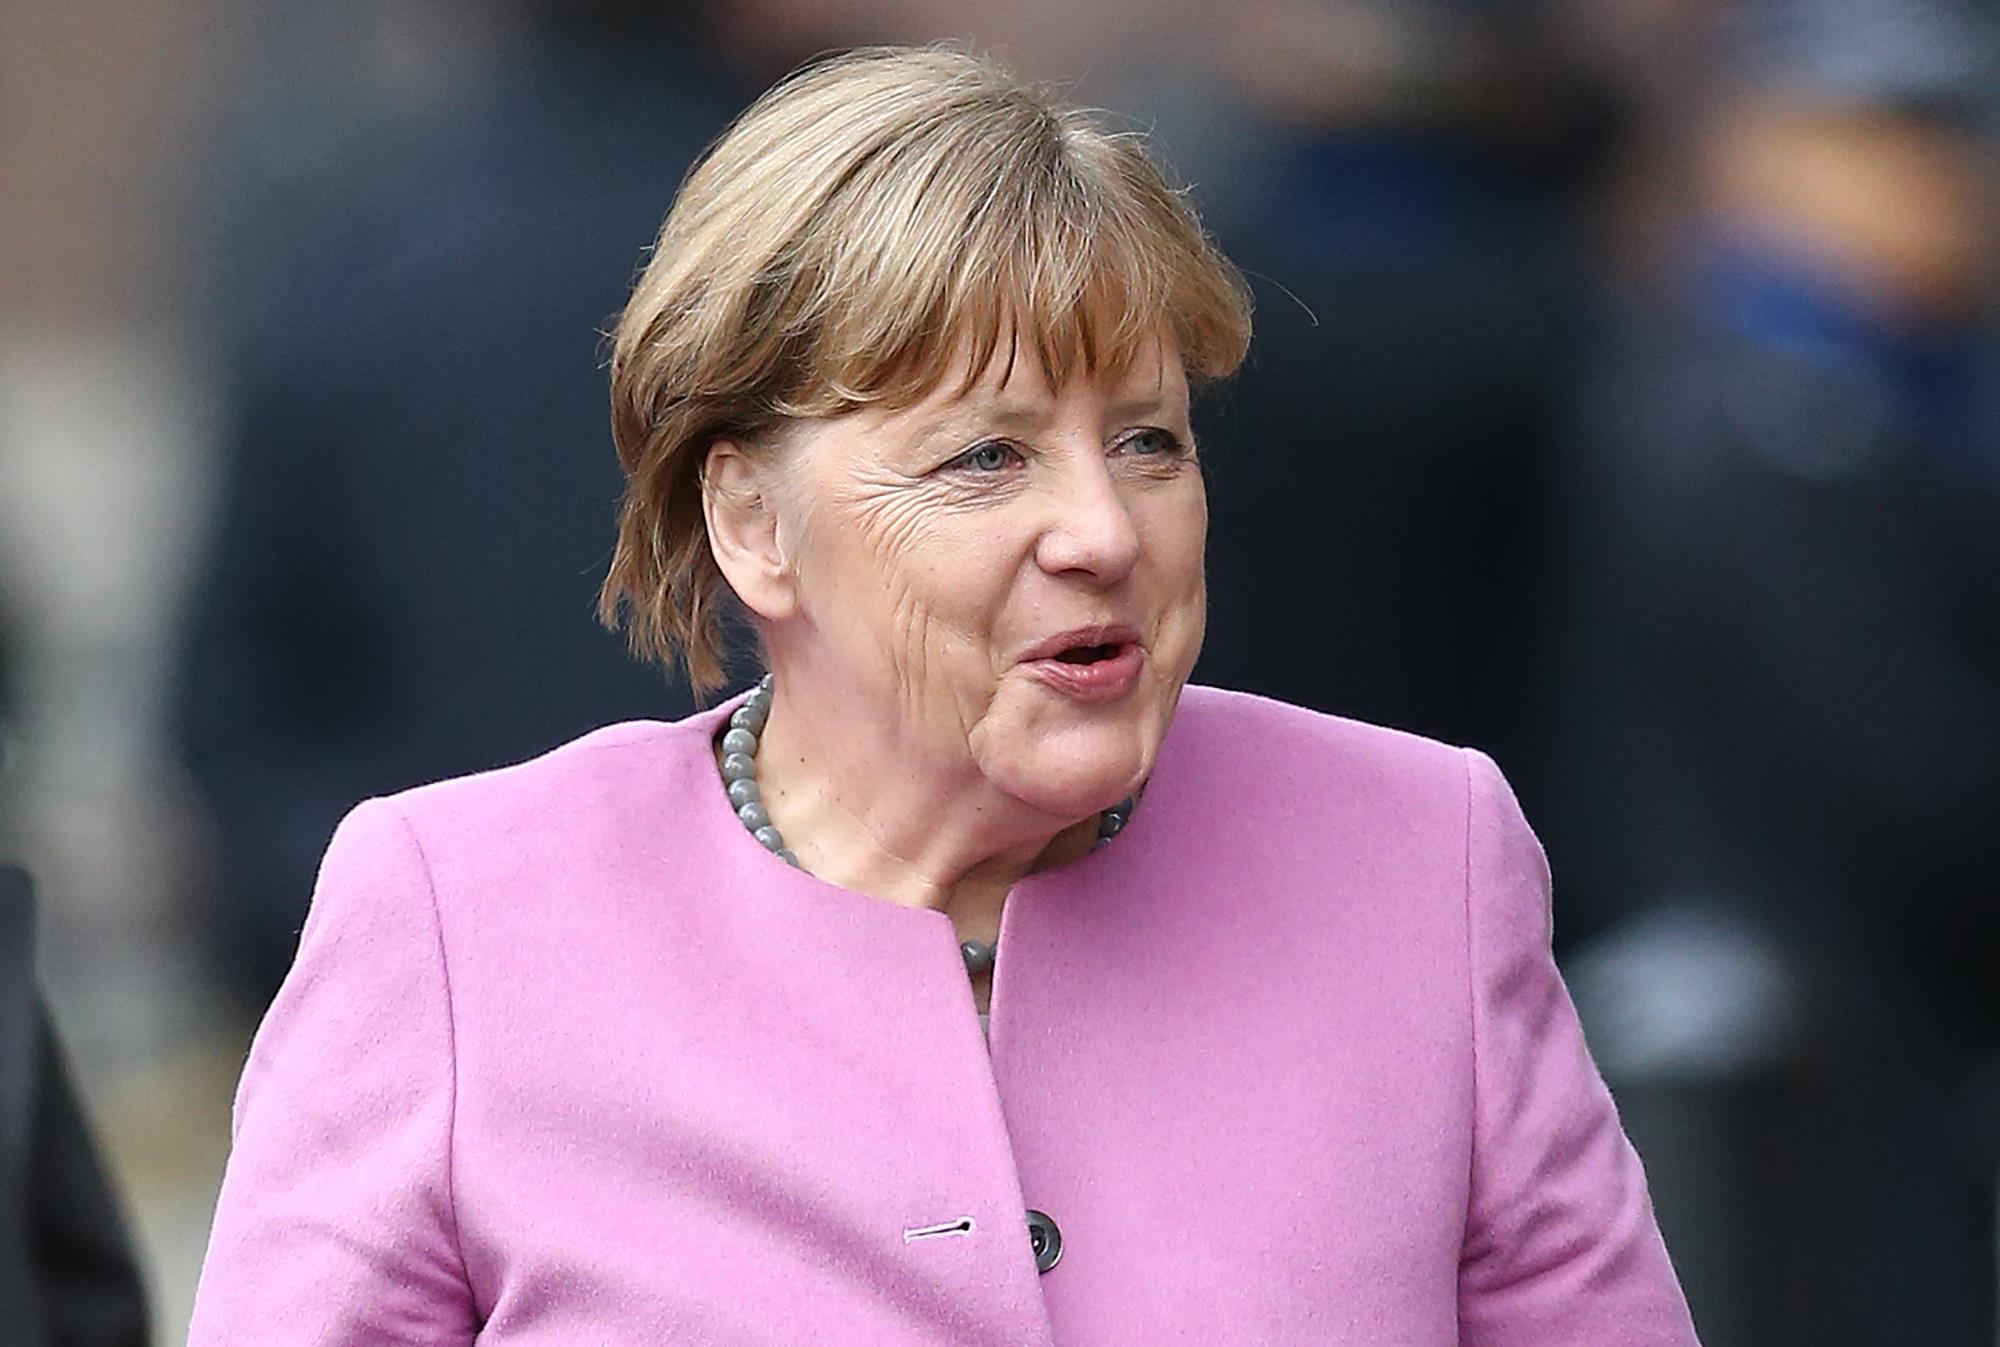 المانيا تجهز لاستئناف لم شمل أسر اللاجئين في  منتصف مارس